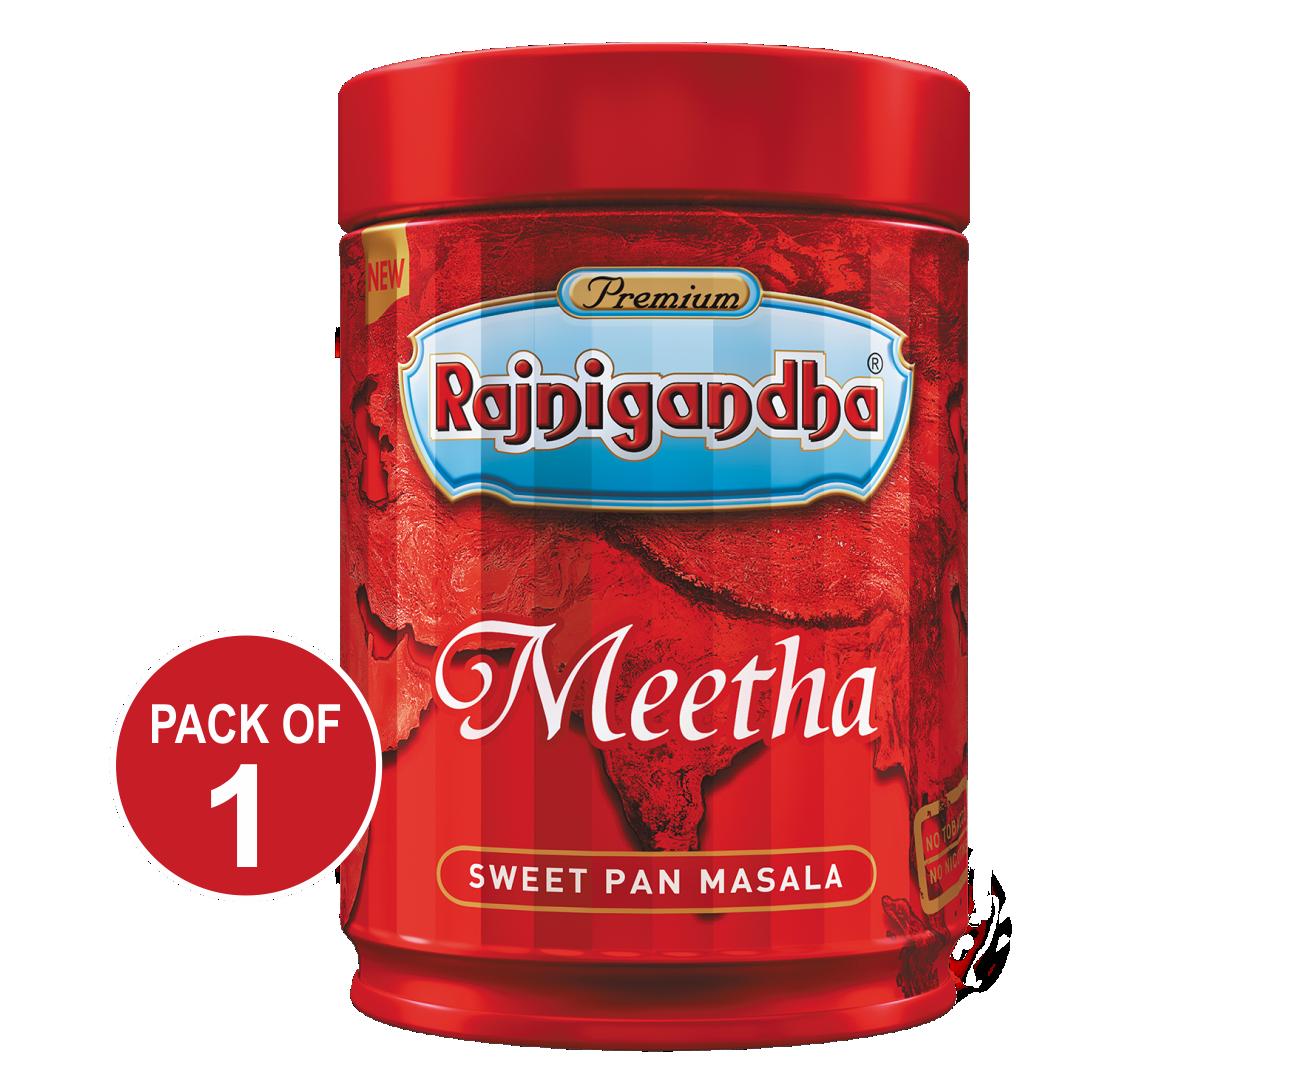 Sweet Pan Masala